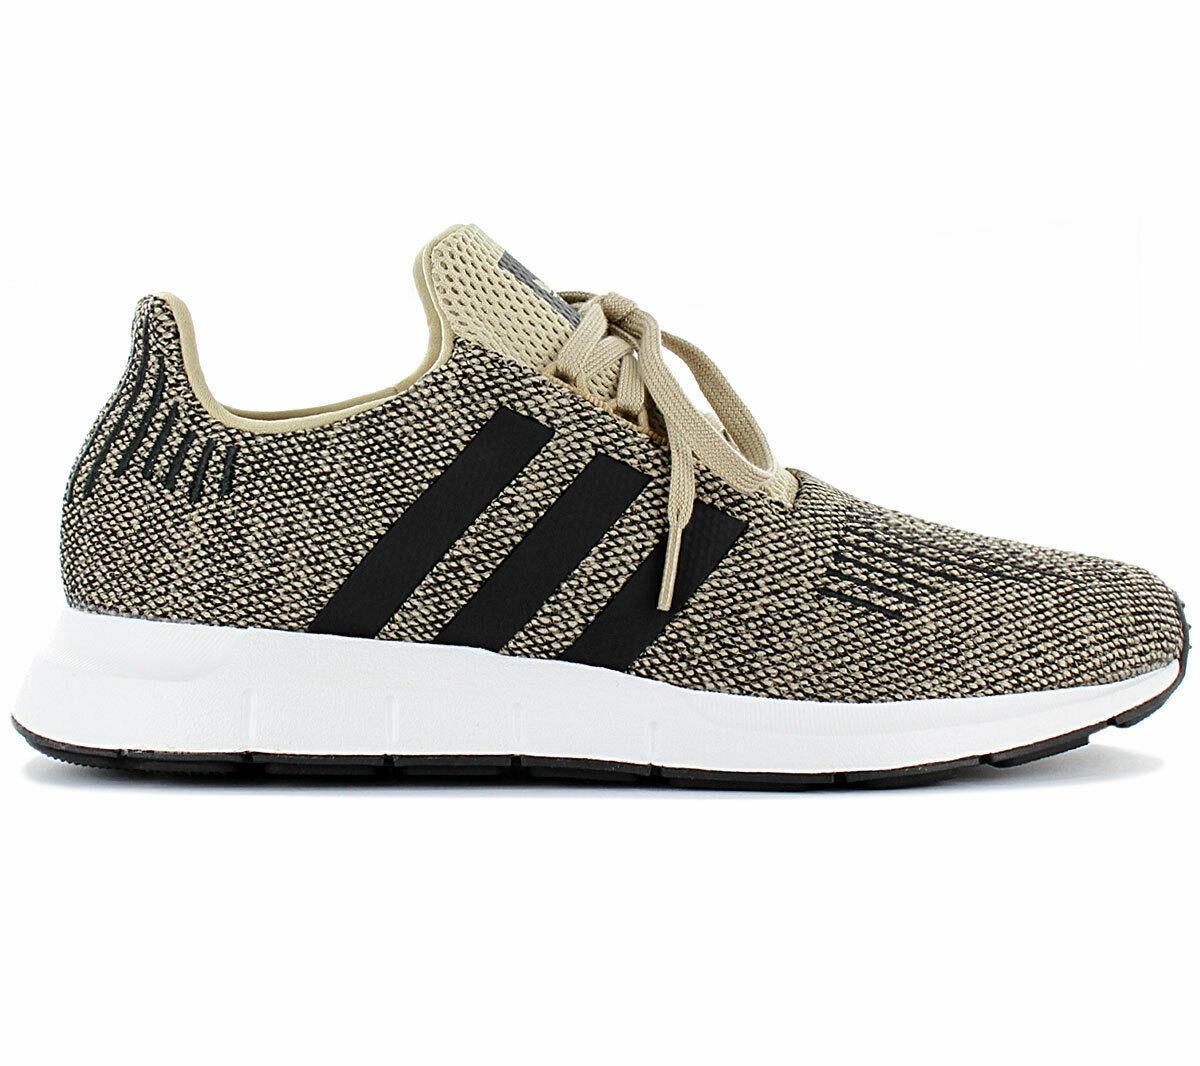 Adidas Originals Swift Run Turnschuhe Schuhe Turnschuhe CQ2117 Sportschuhe NEU Karamell, sanft